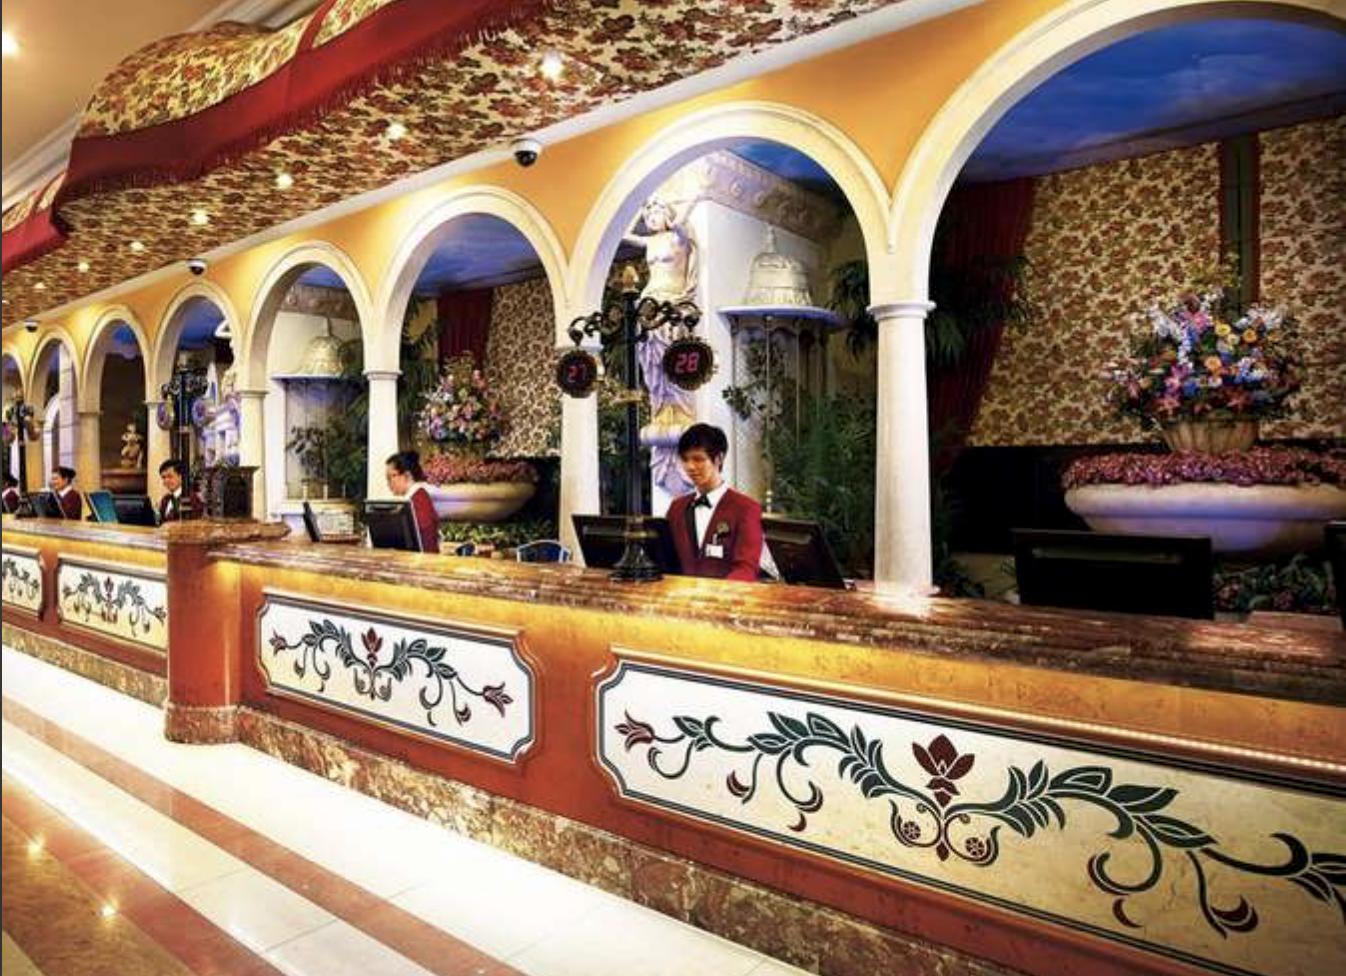 hotel più eccentrici per viaggiatori stravaganti